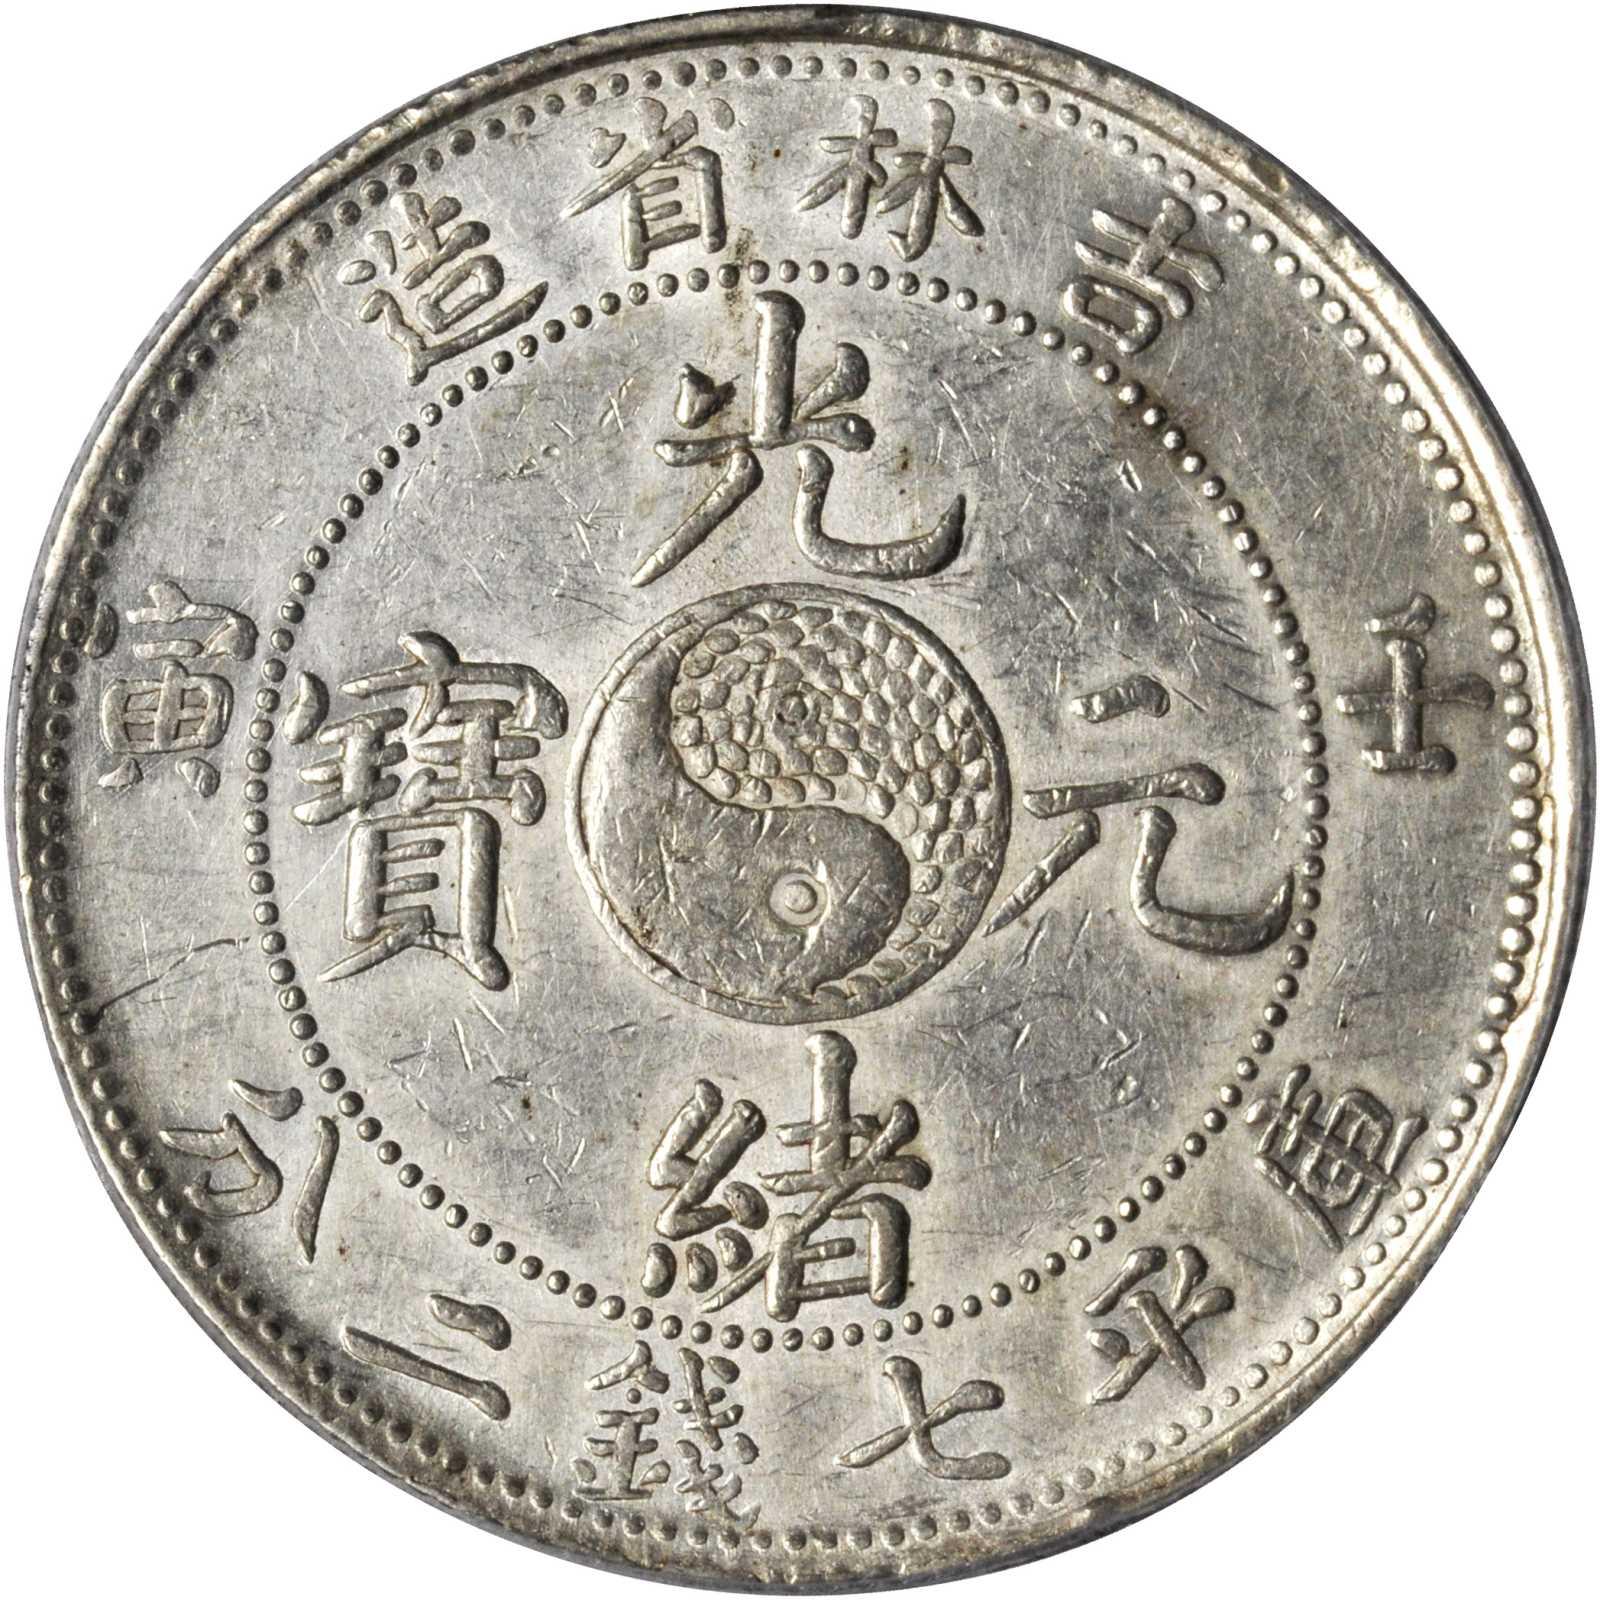 PCGS AU 58吉林省造壬寅七钱二分